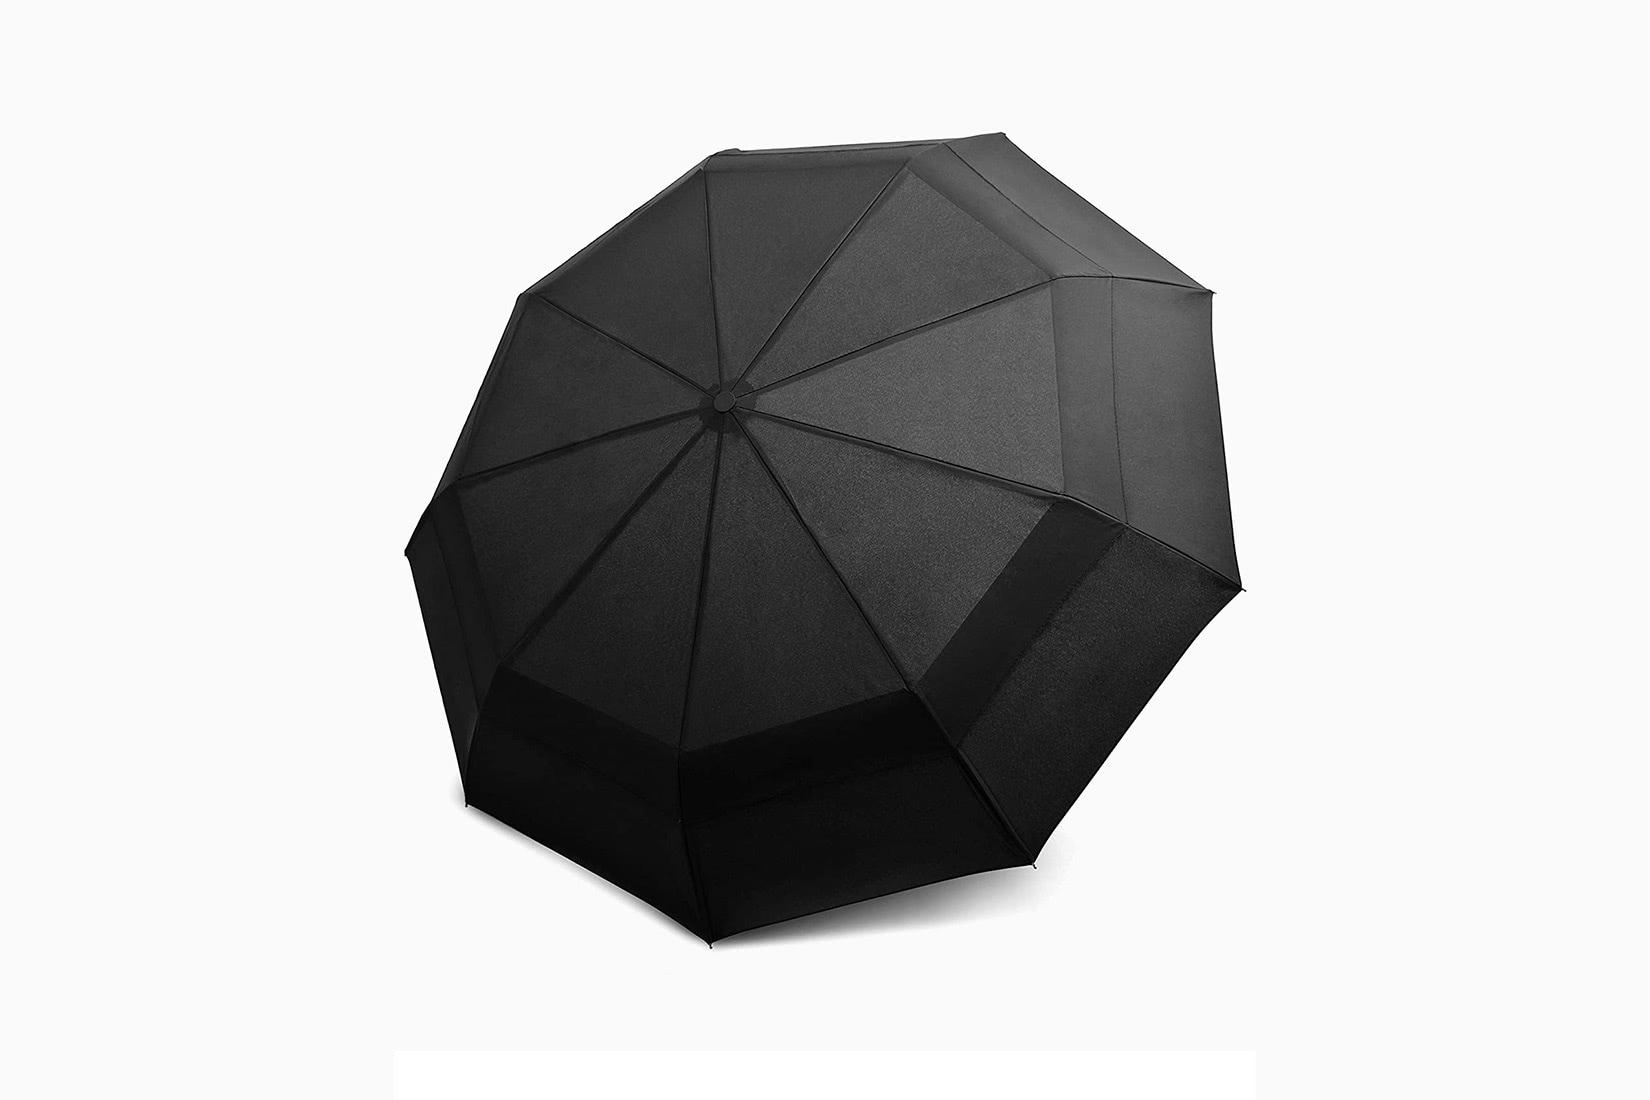 best umbrellas eez-y luxe digital